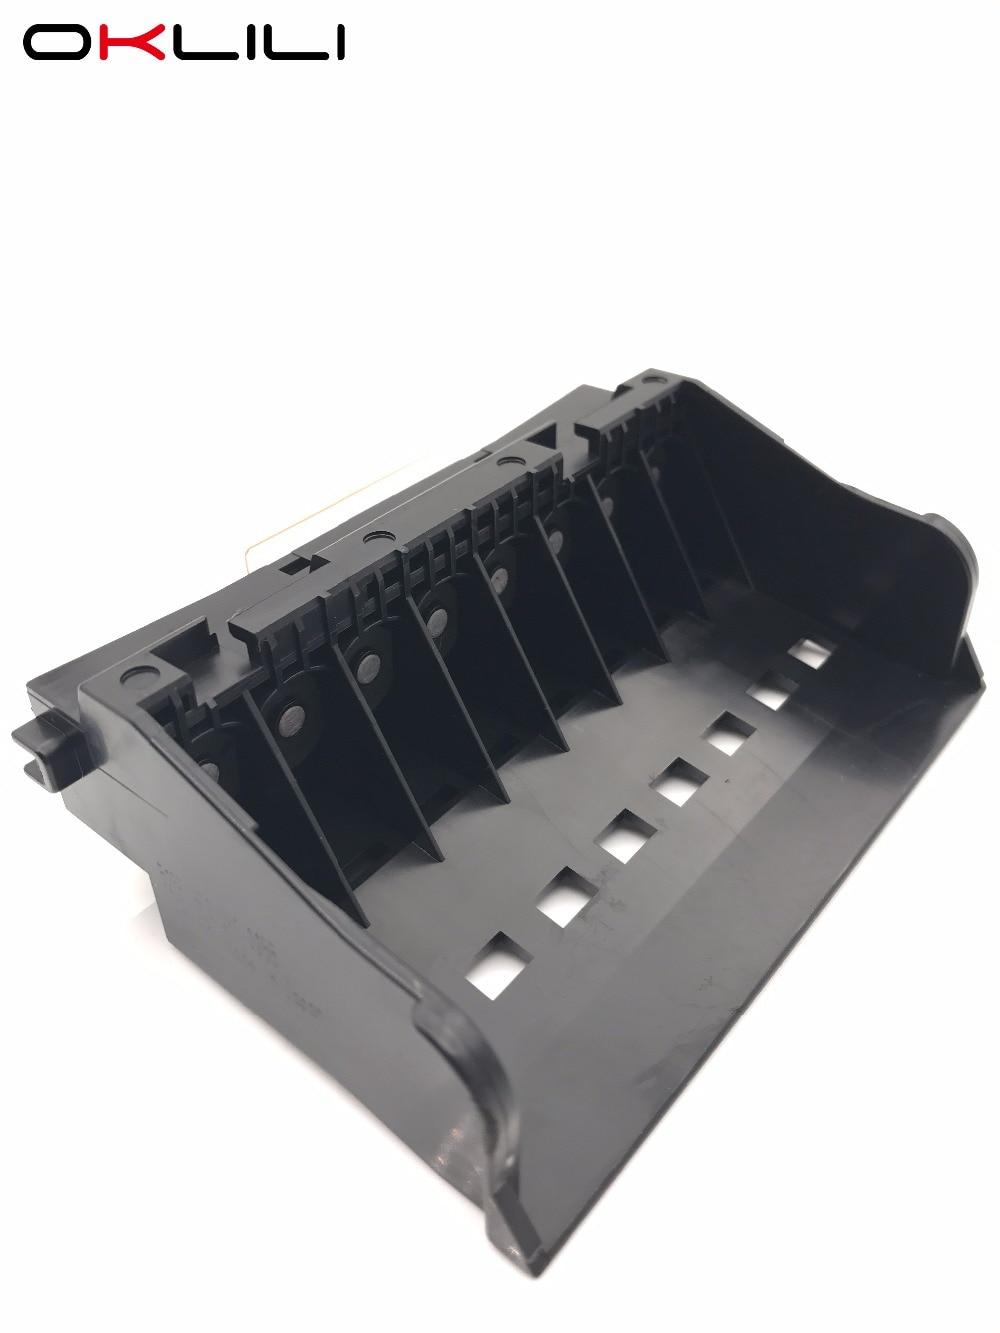 da cabeça de impressora para canon 9900i